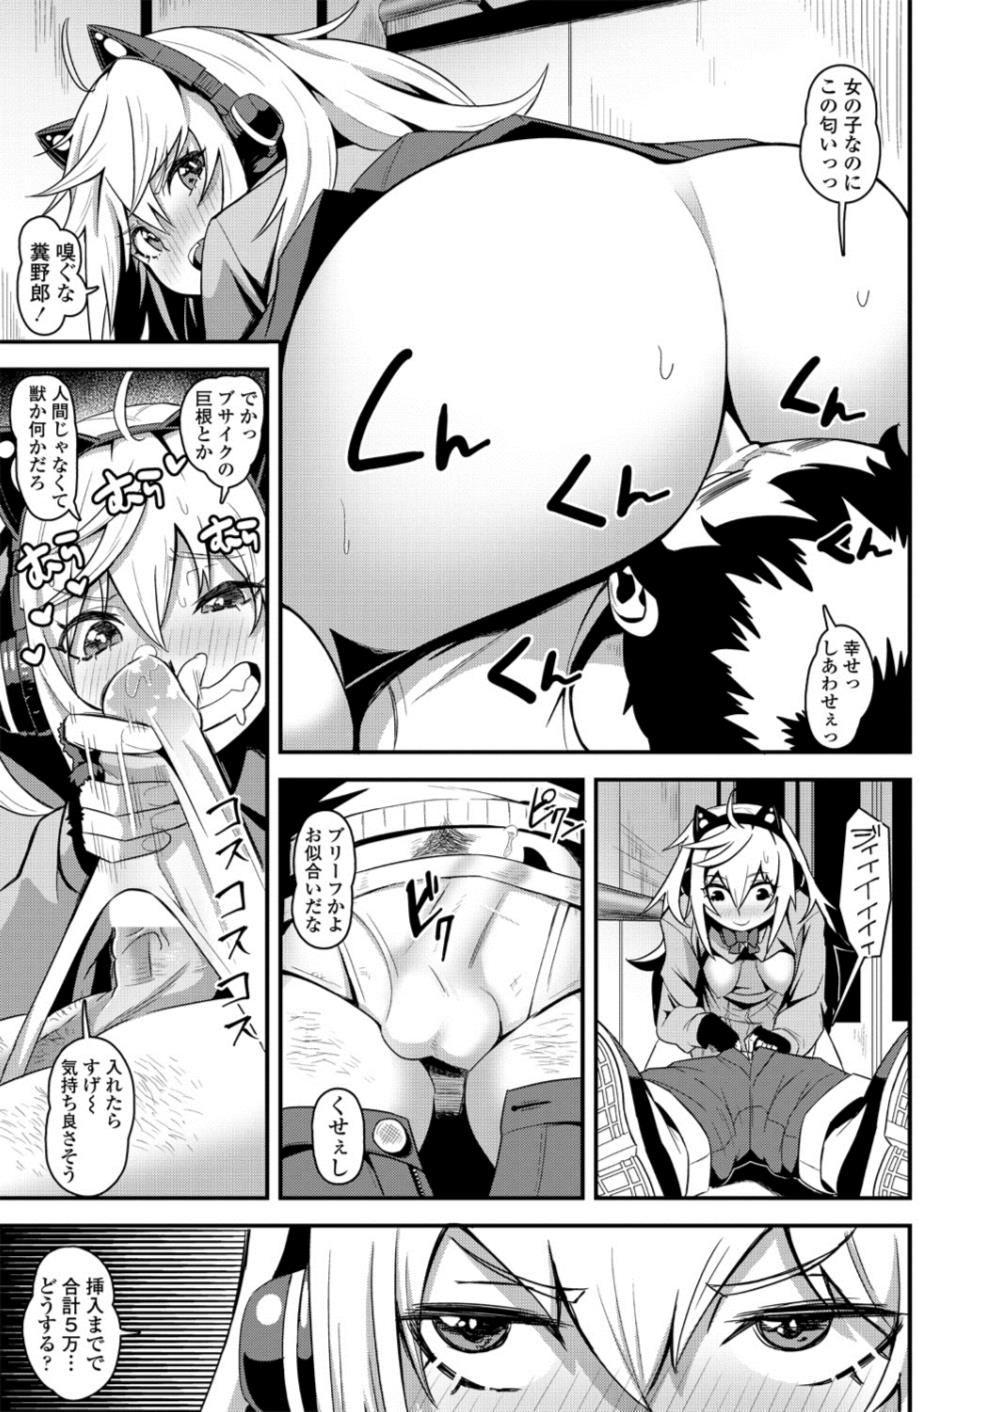 【エロ漫画】エレベーターでJKと二人きり…パンツ盗撮したら脅迫されてなし崩しに制服ハメファックww【たぬきマソ:四角い箱の中で】